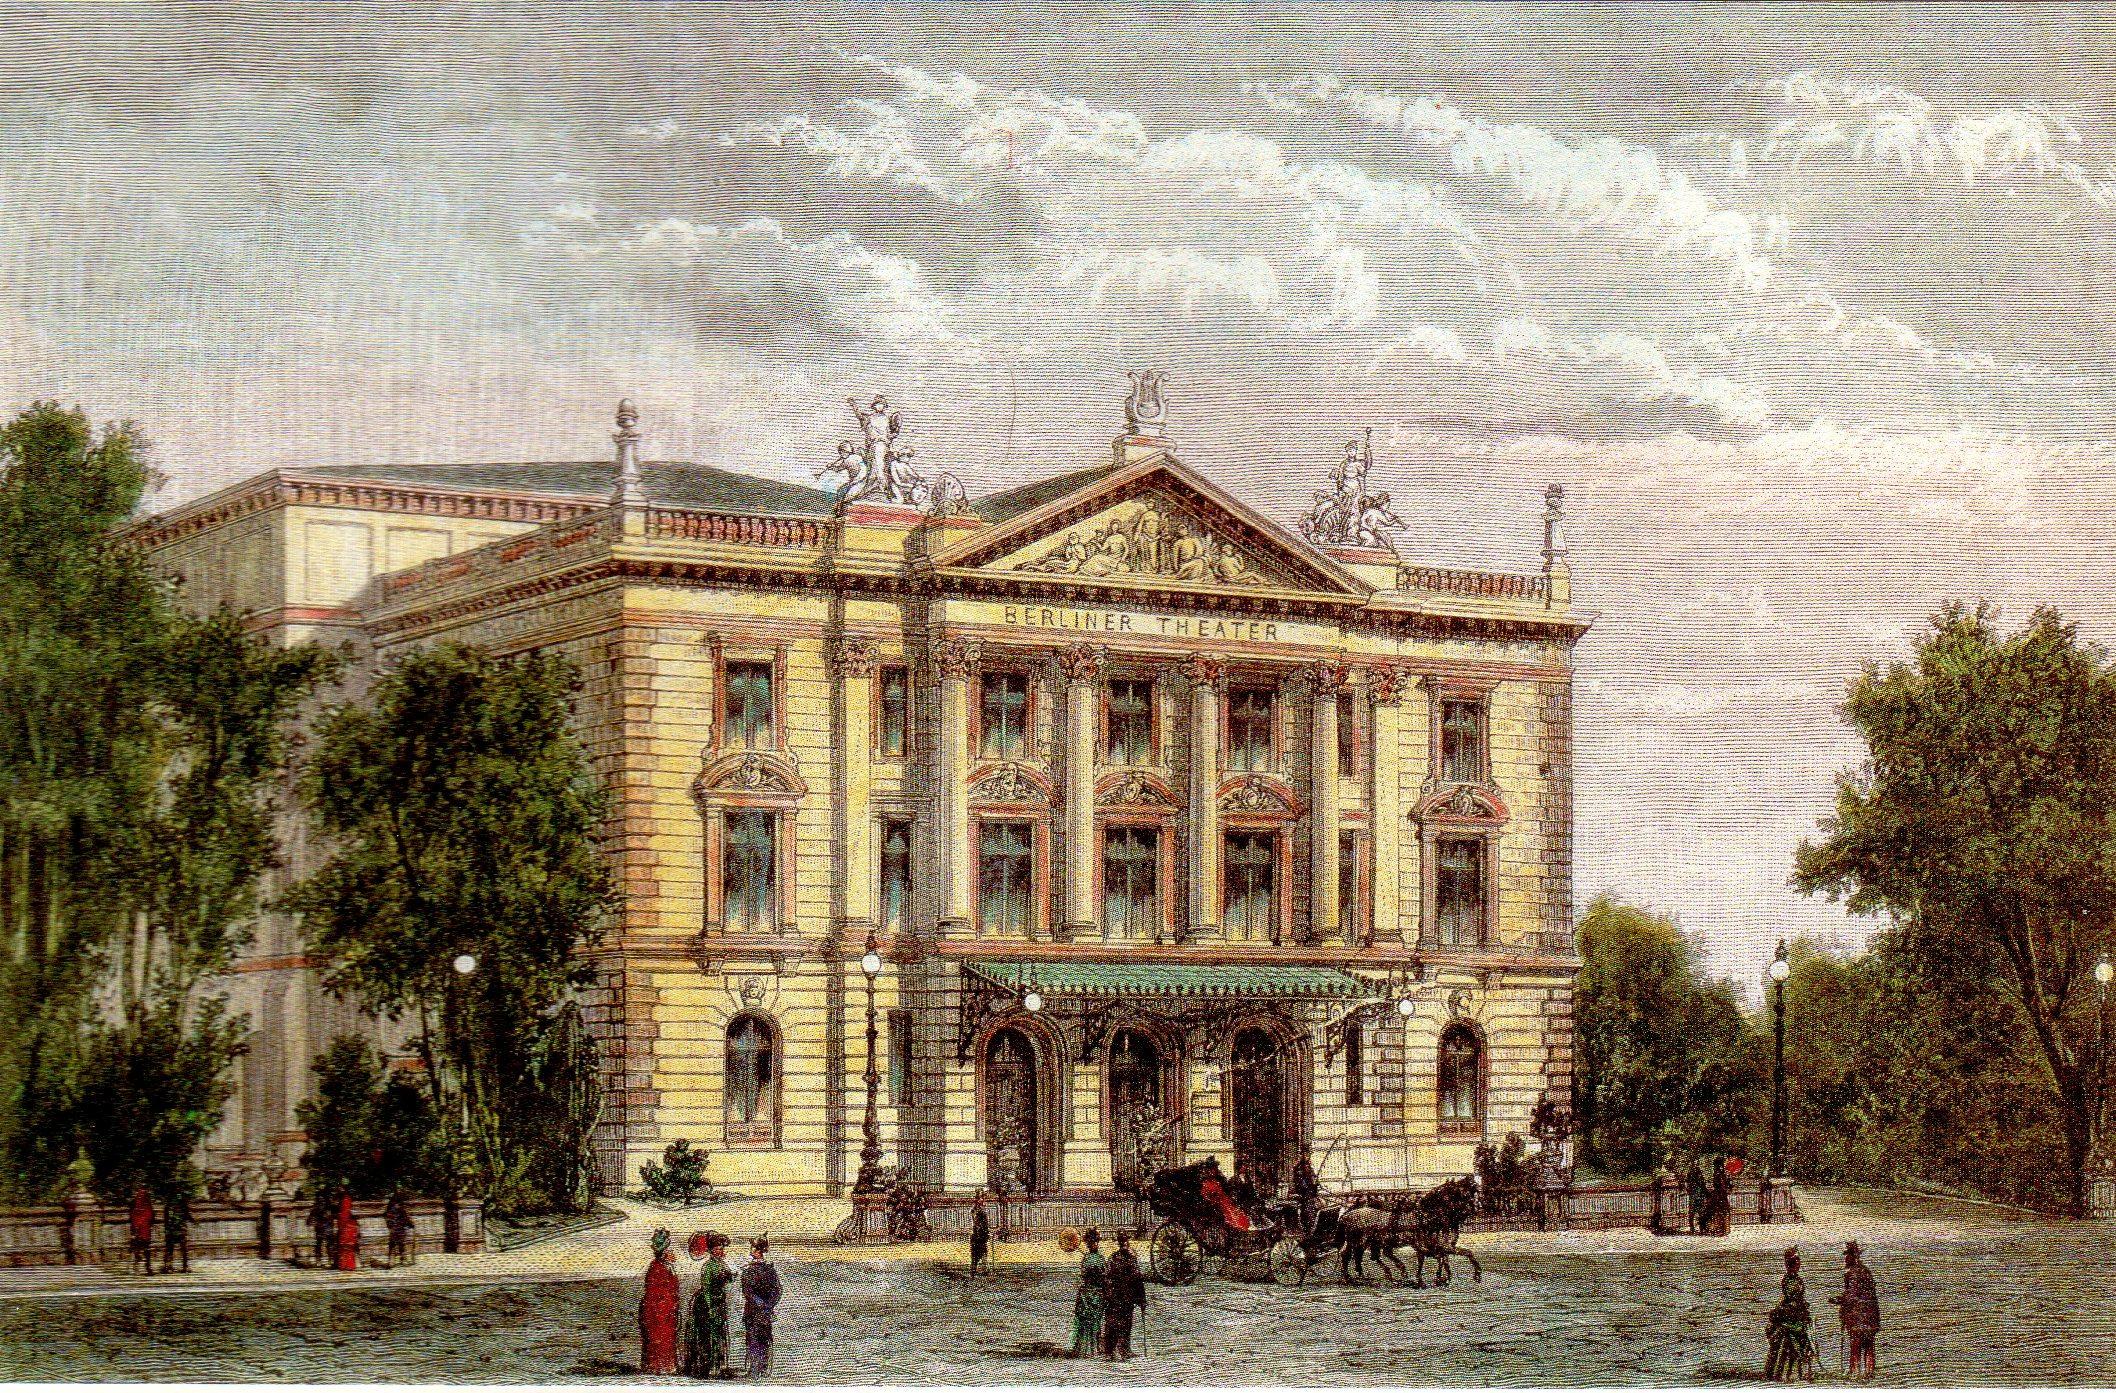 Das Berliner Theater in der Charlottenstraße im Jahr 1888. Foto: Gemeinfrei